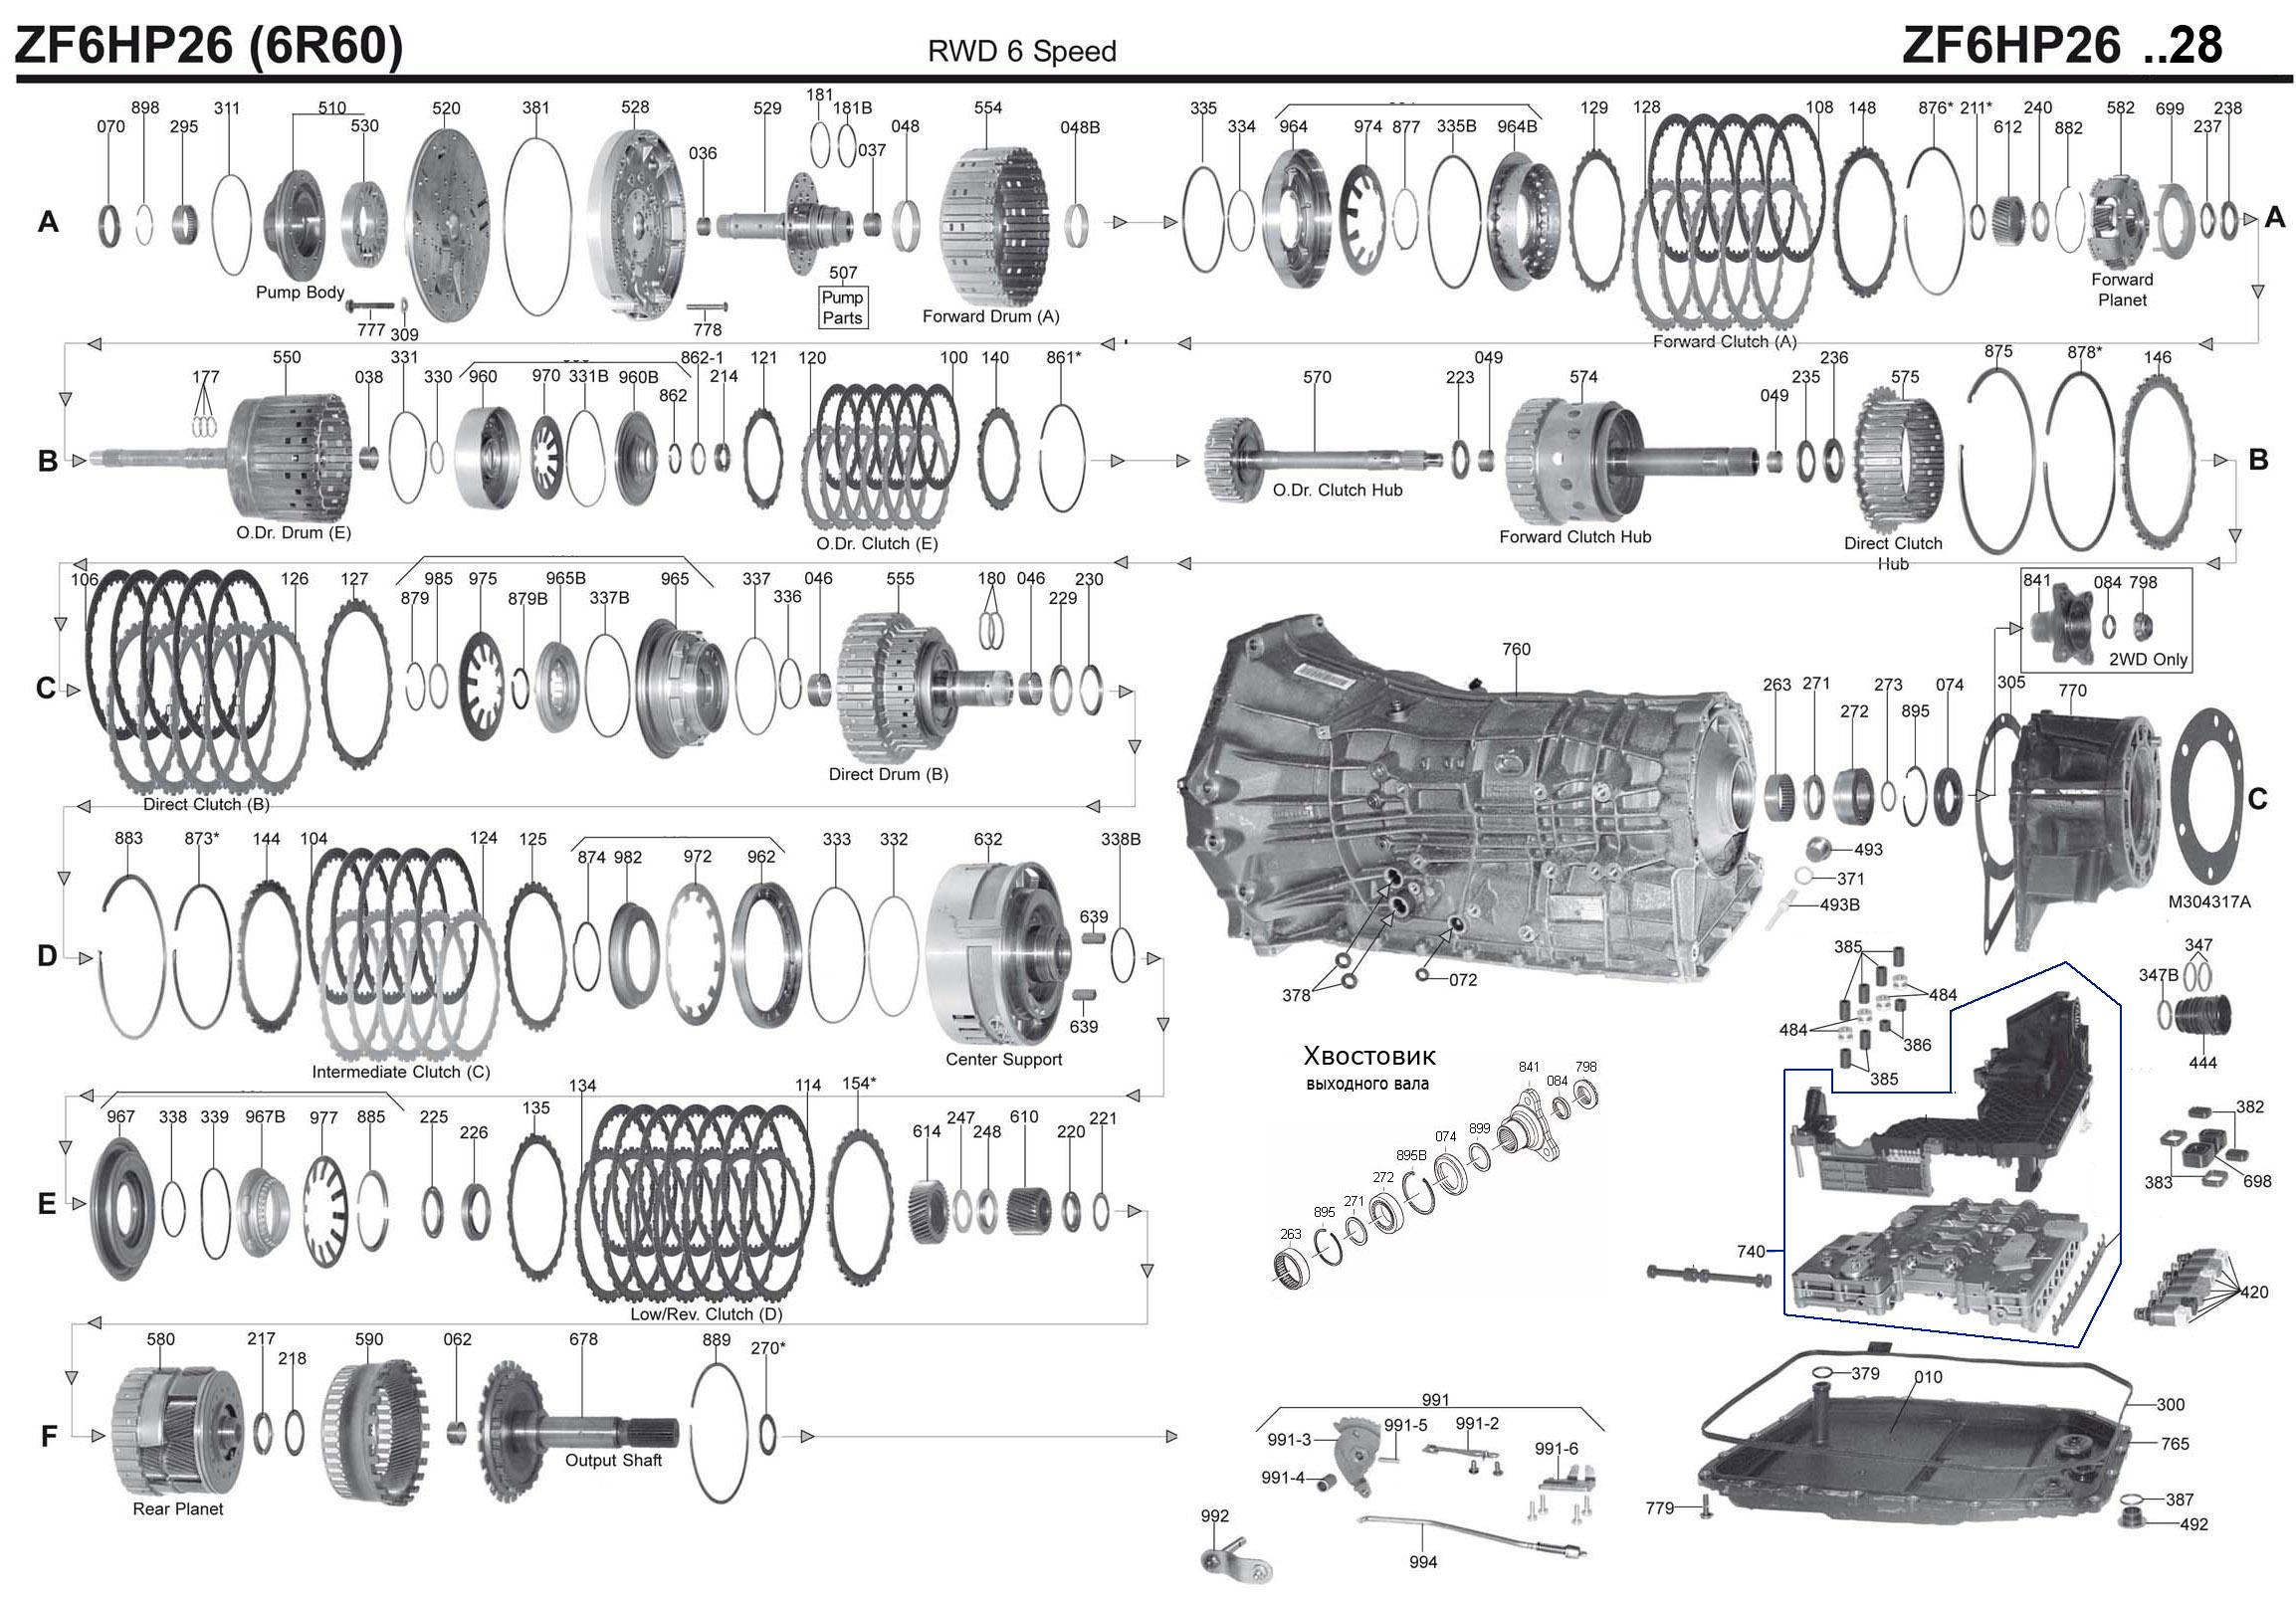 Transmission Repair Manuals Zf 6hp26 28 32